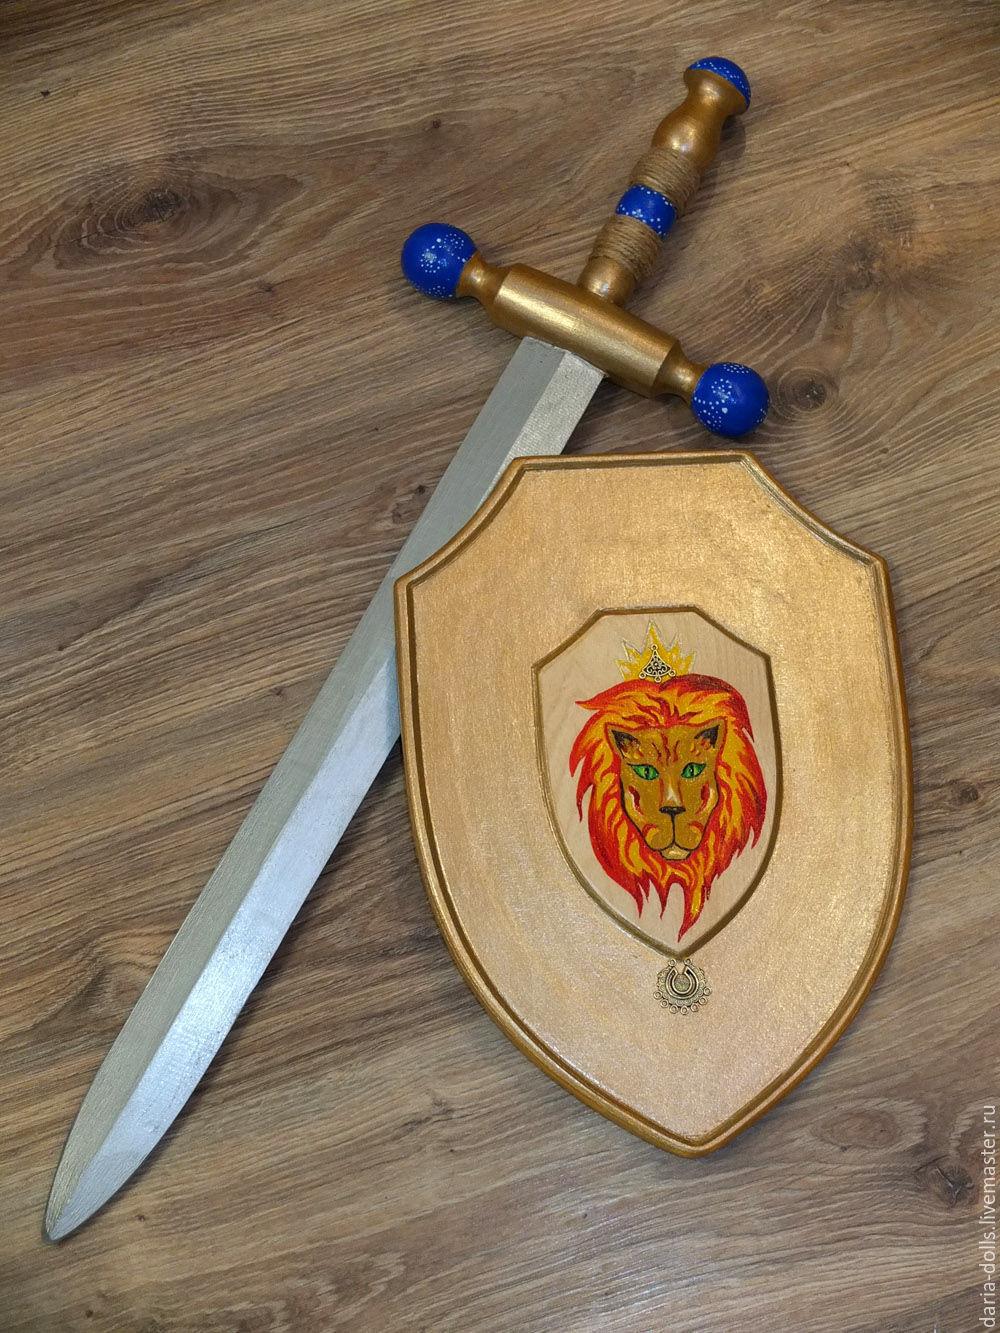 Как сделать меч и щит из дерева